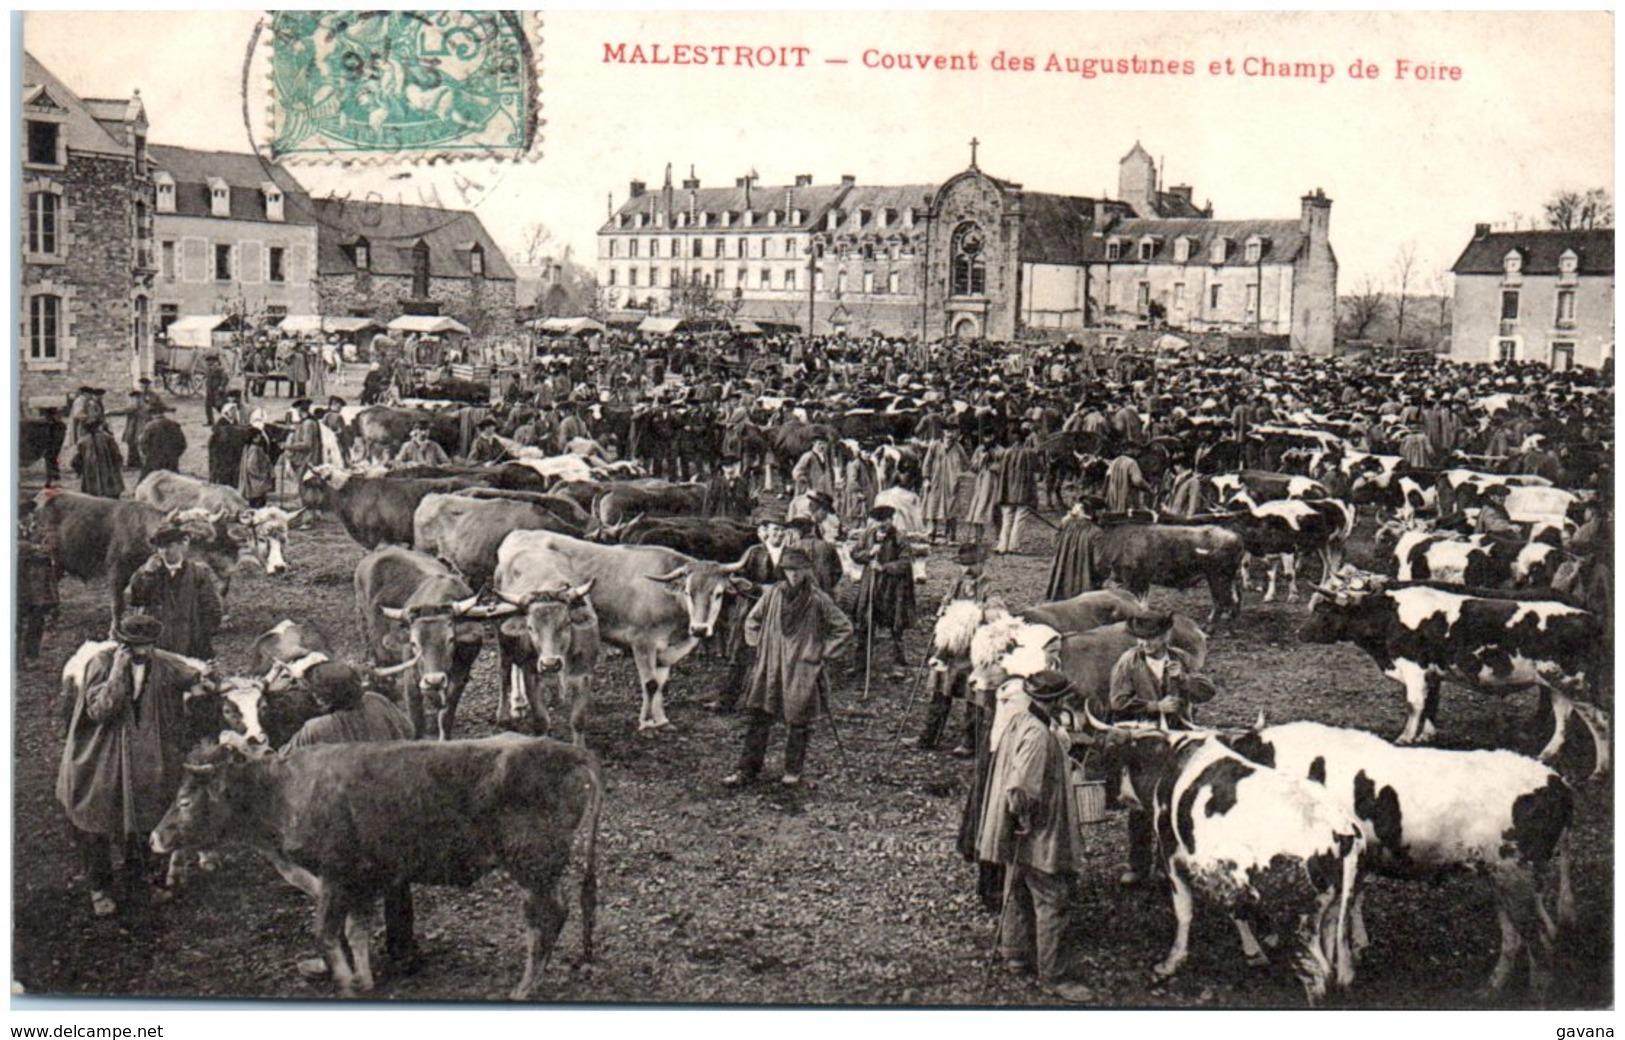 56 MLESTROIT - Couvent Des Augustines Et Champ De Foire - Malestroit